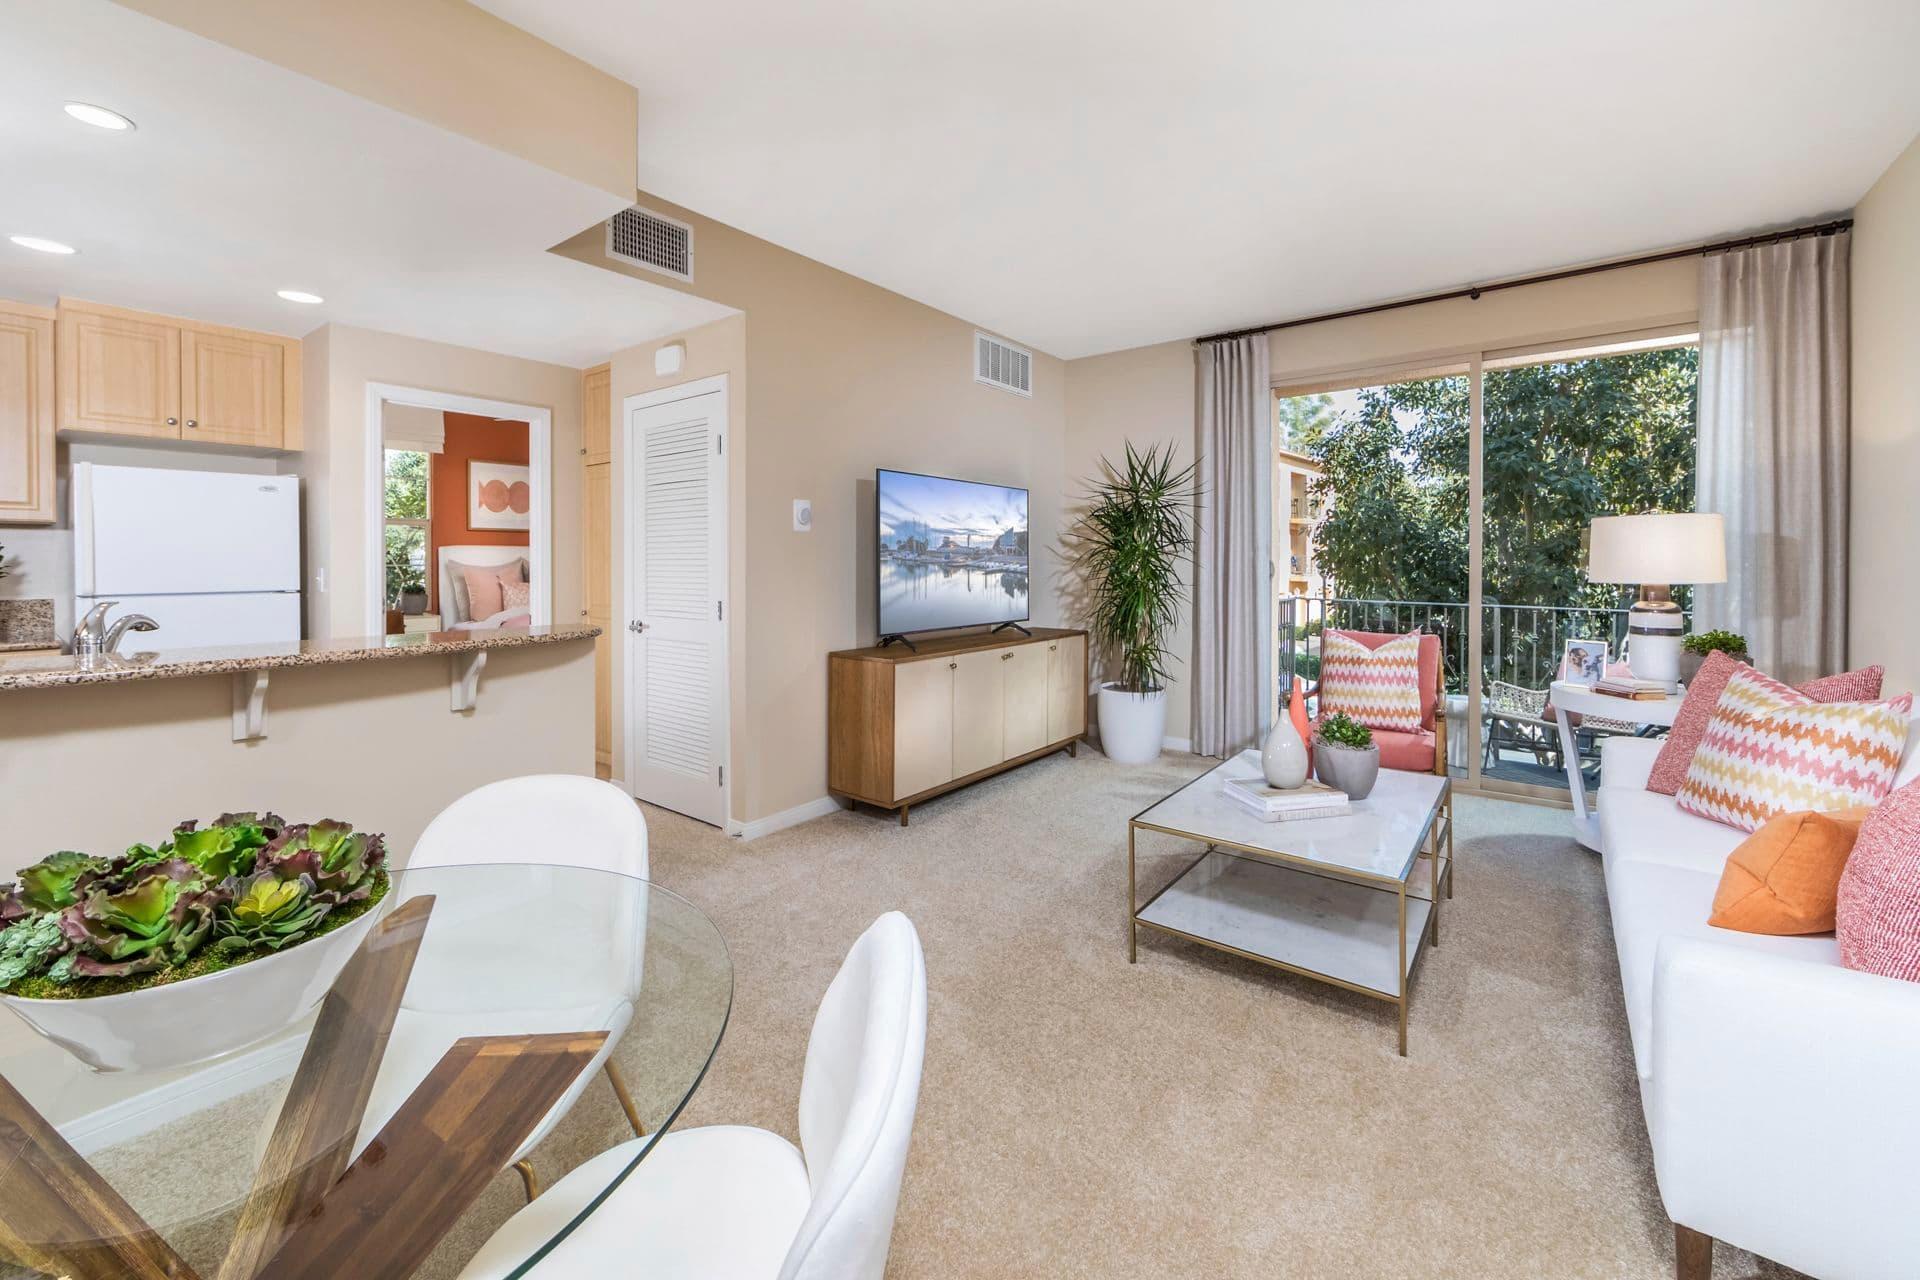 Interior view of  living and dining at Esperanza Apartment Communities in Irvine, CA.